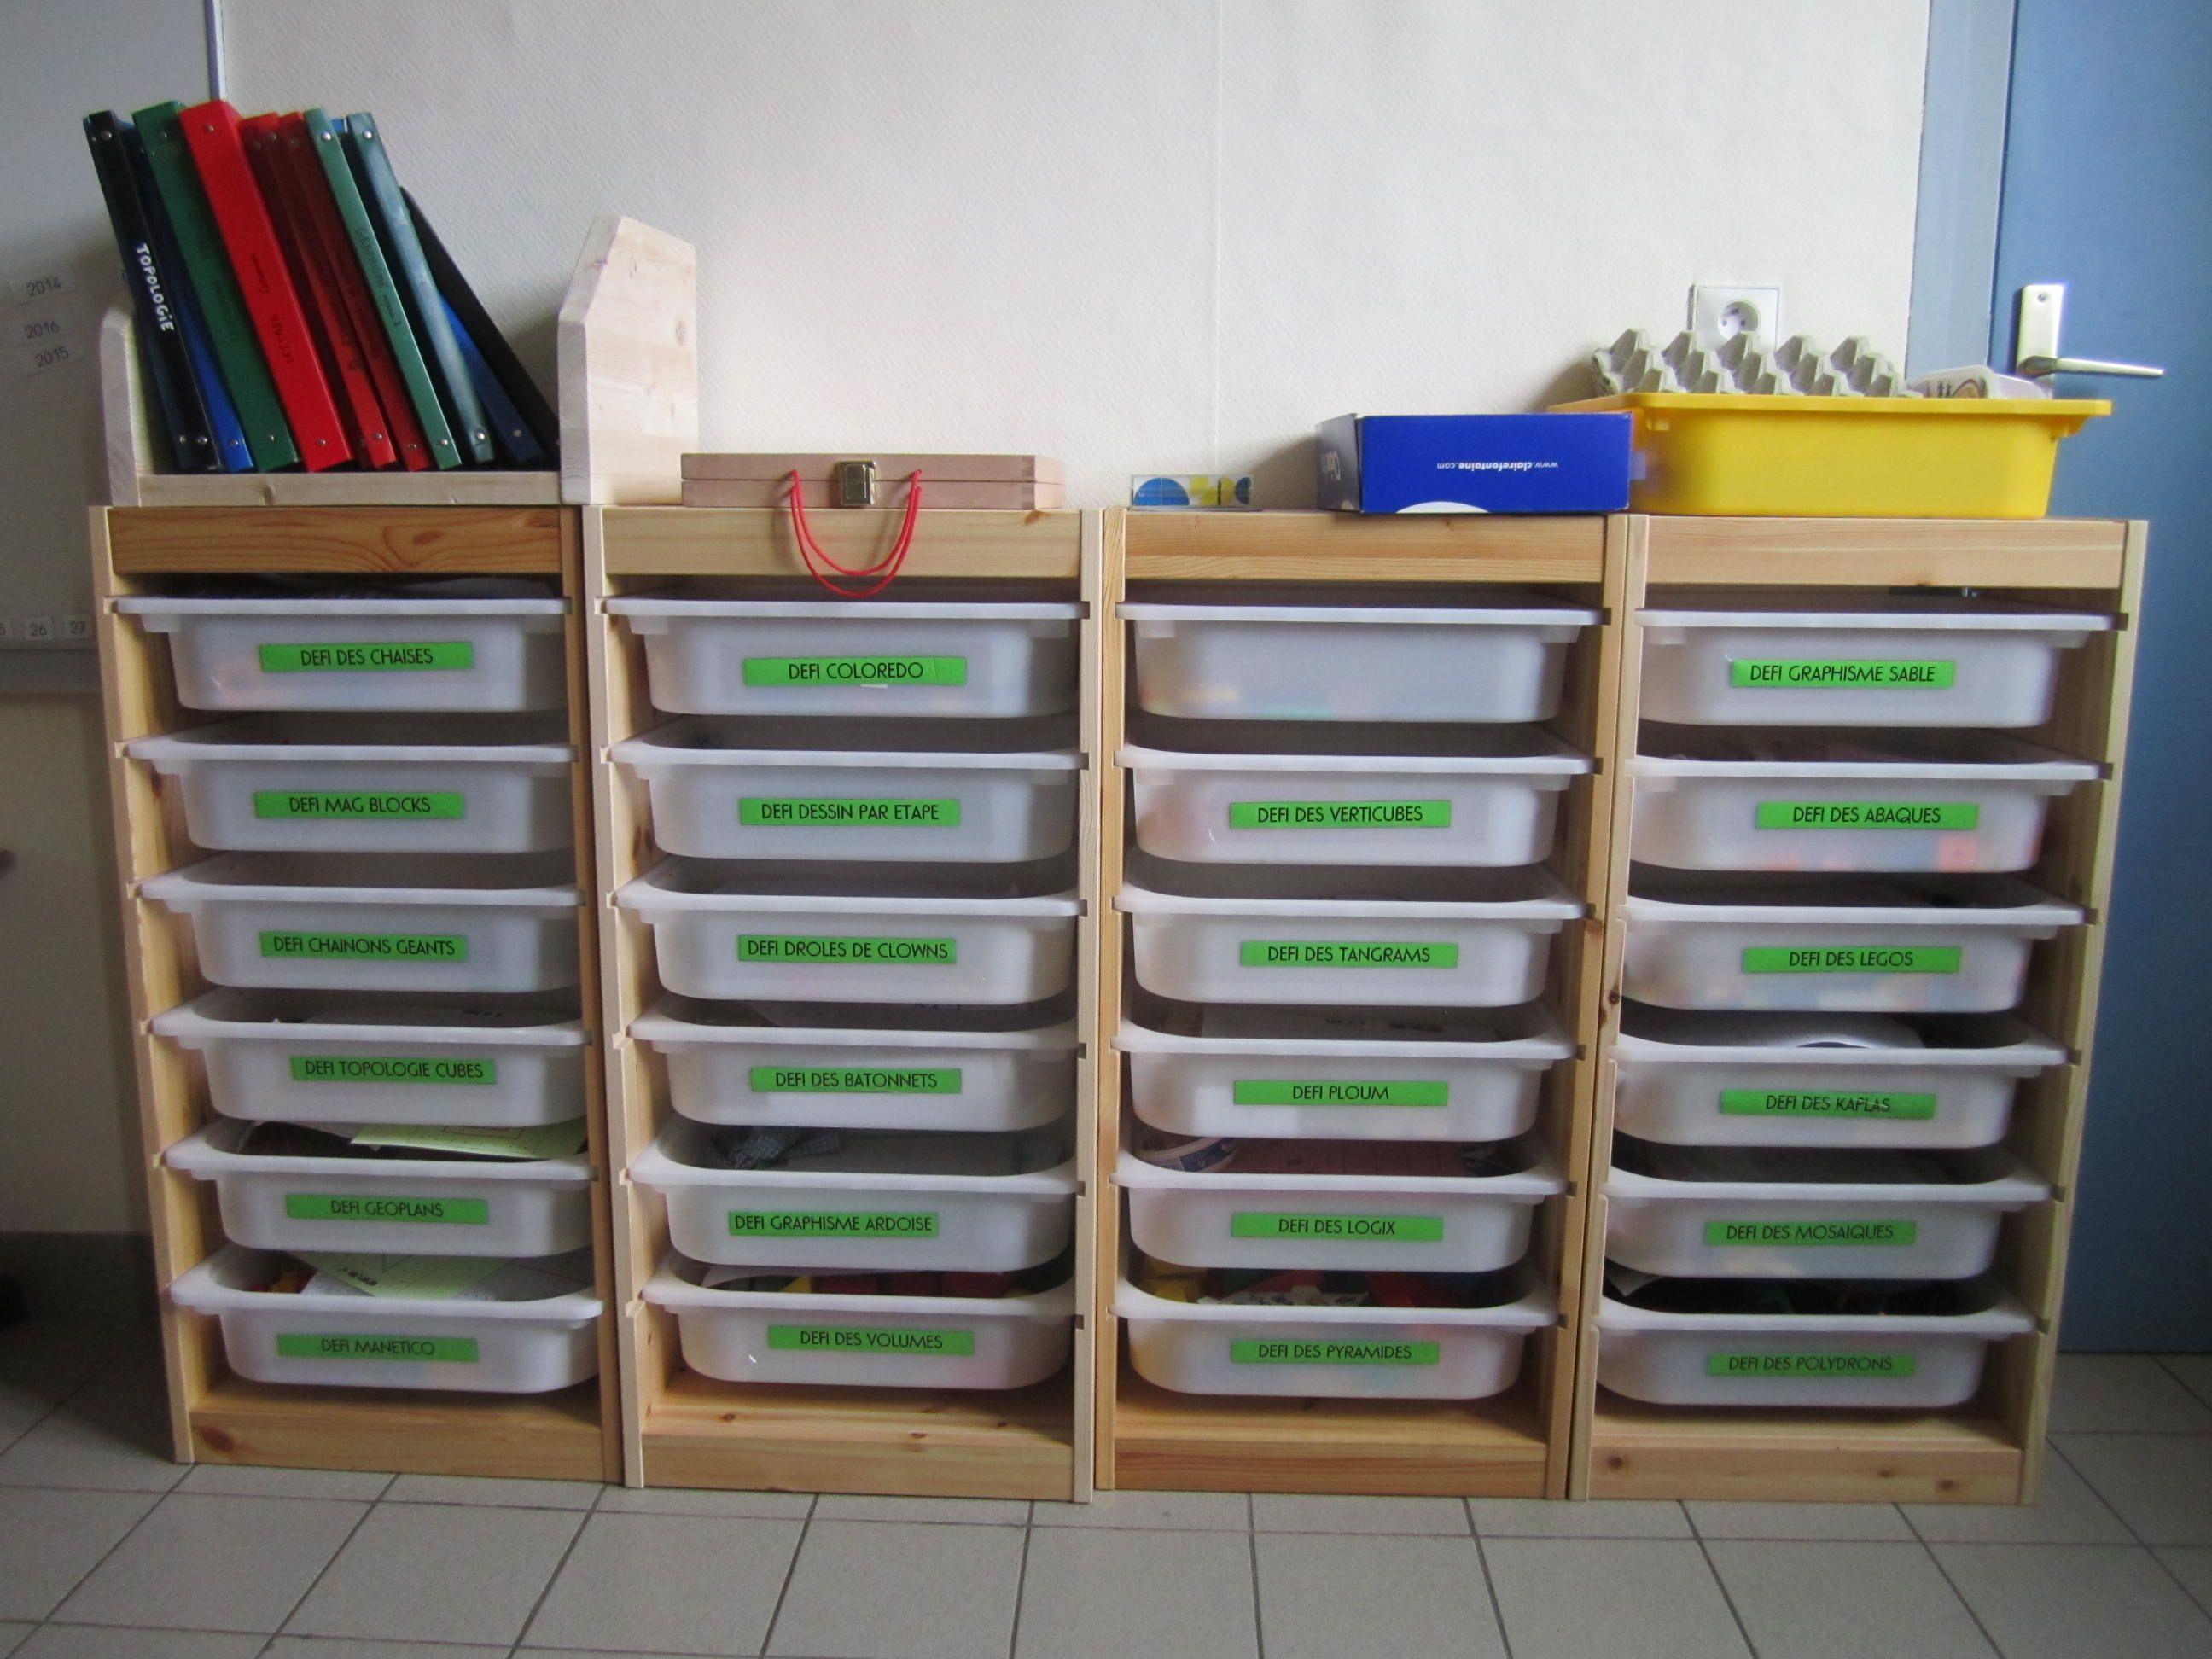 d fis individuels d 39 inspiration freinet montessori pinterest d fis inspiration et cole. Black Bedroom Furniture Sets. Home Design Ideas